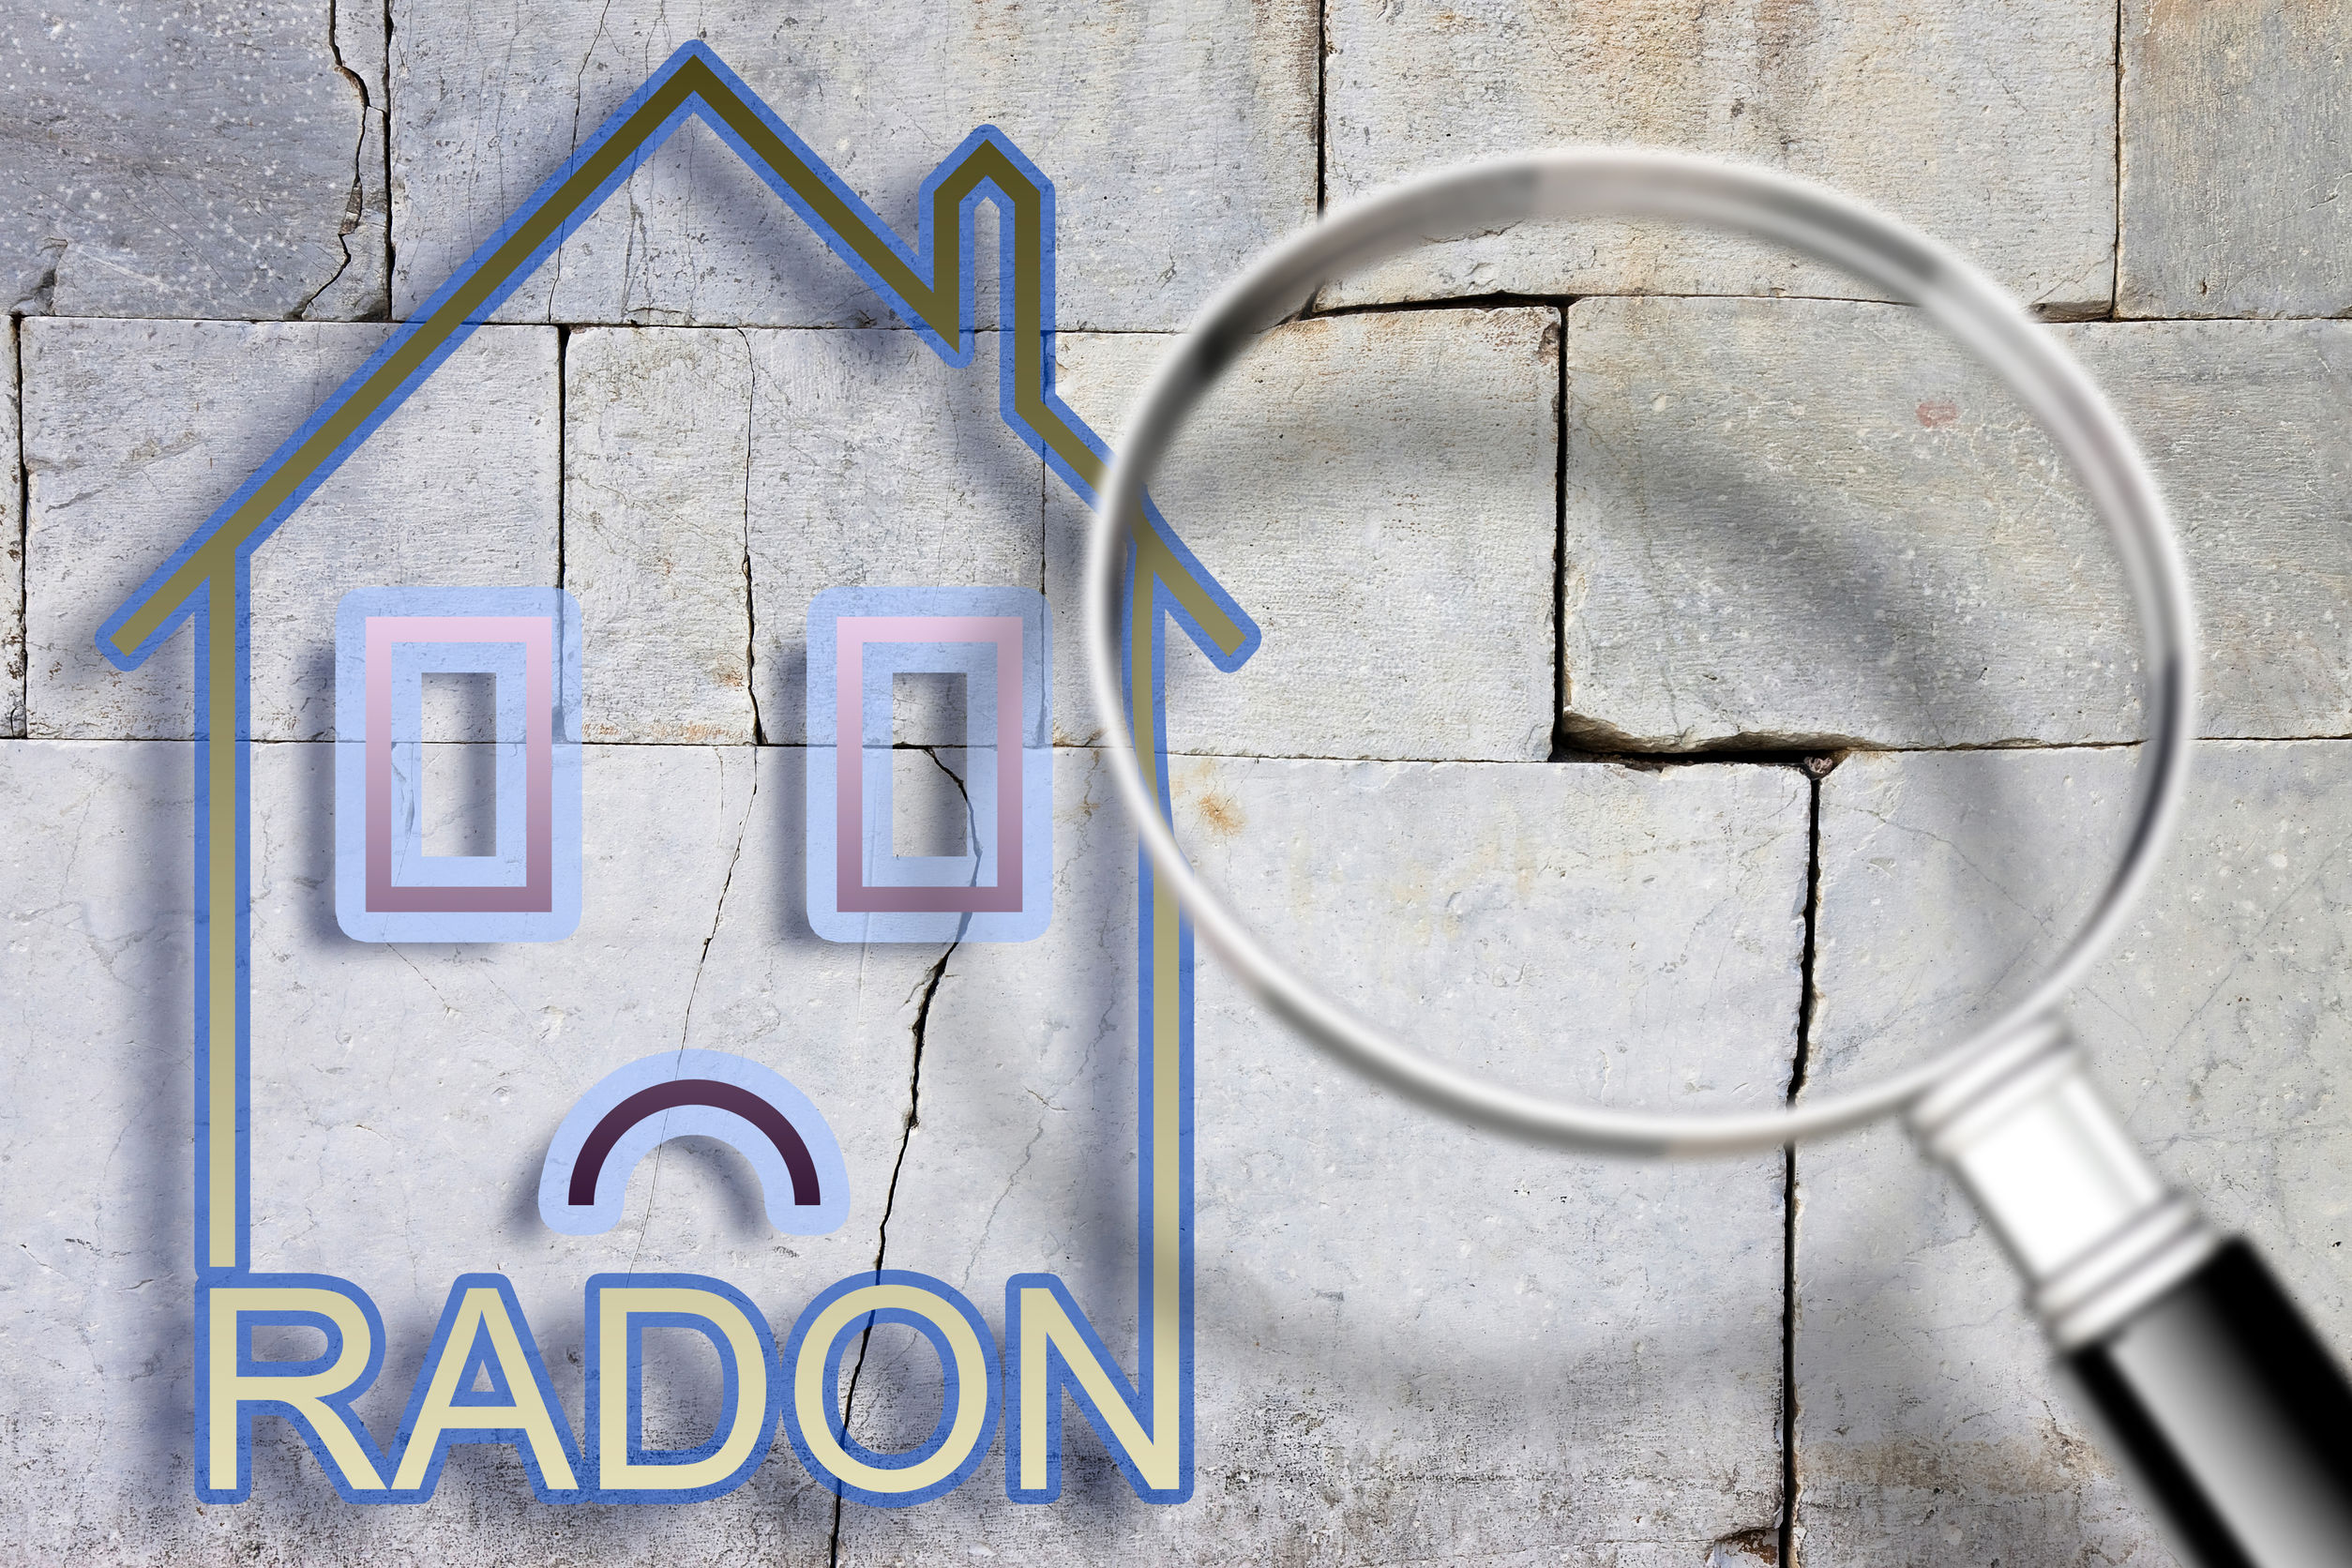 Do I really need a radon test?